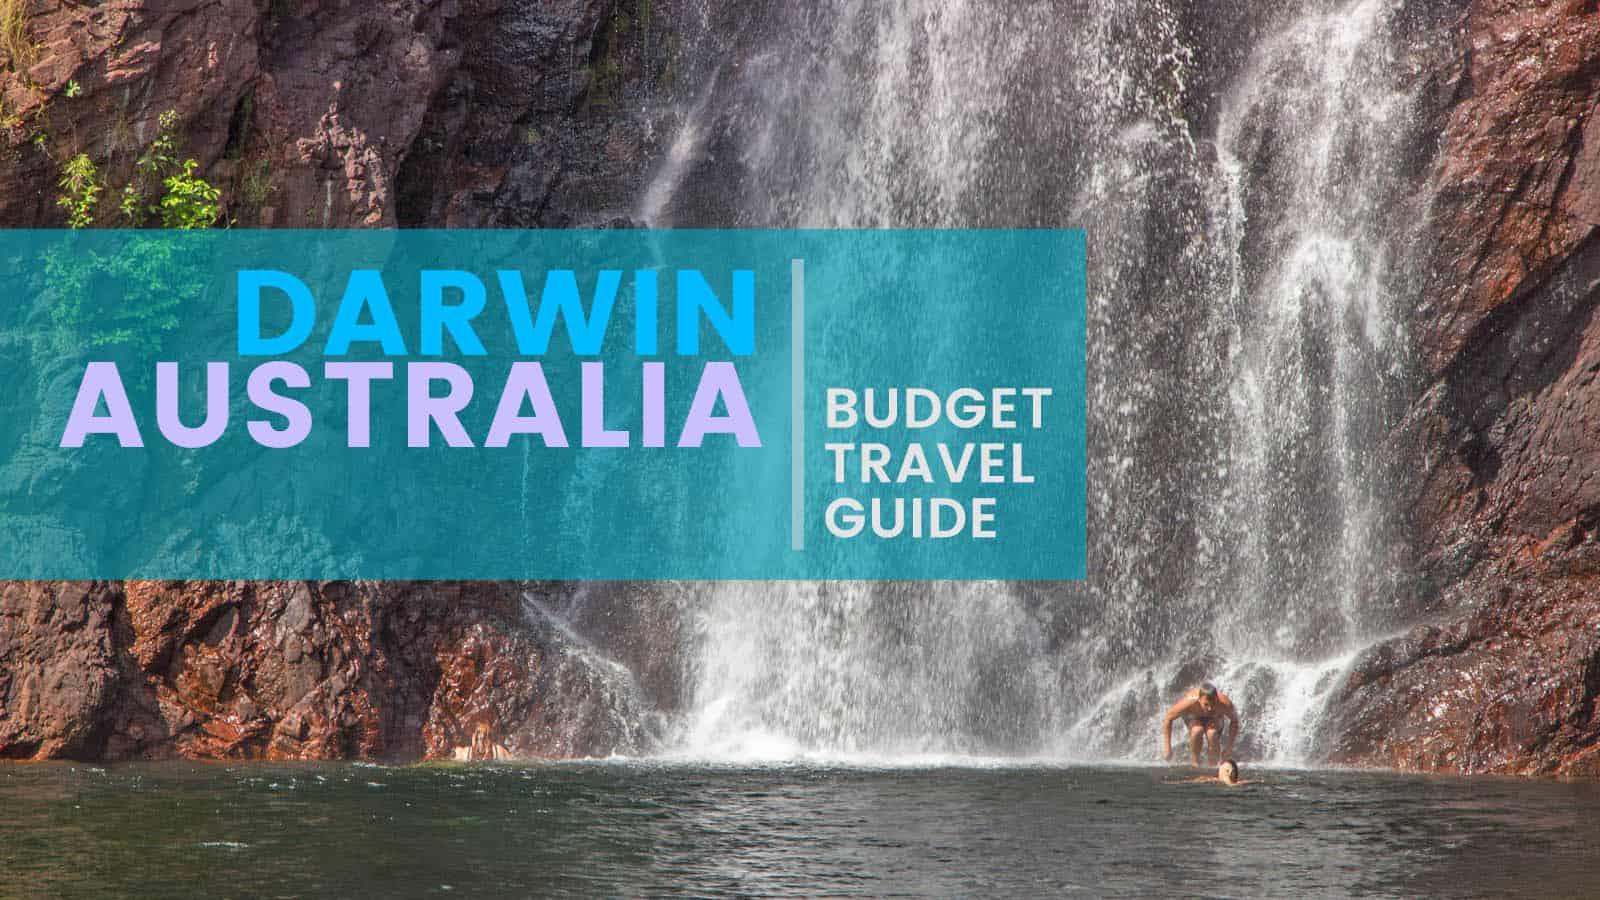 达尔文的预算。免费行程和旅游指南 | 穷游者的行程博客